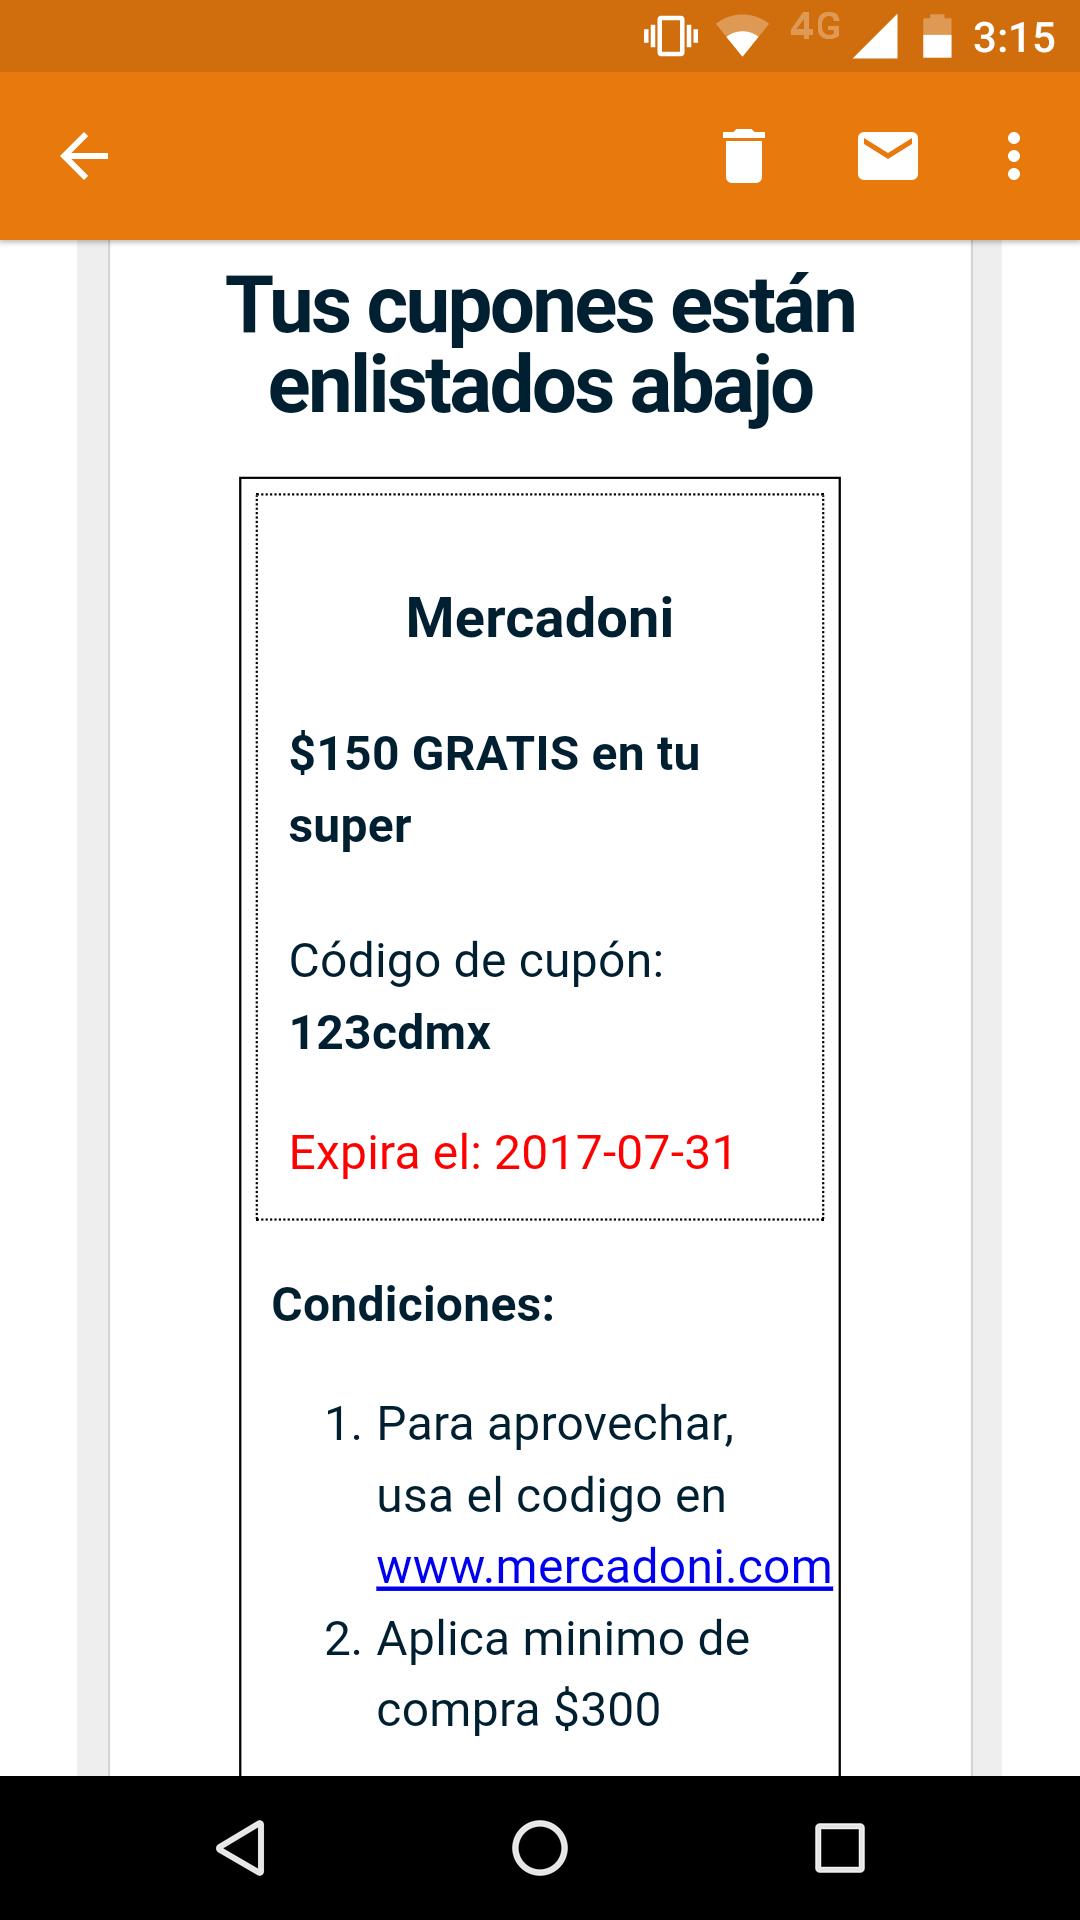 Mercadoni: Cupón de $150 gratis en compra mínima de $300